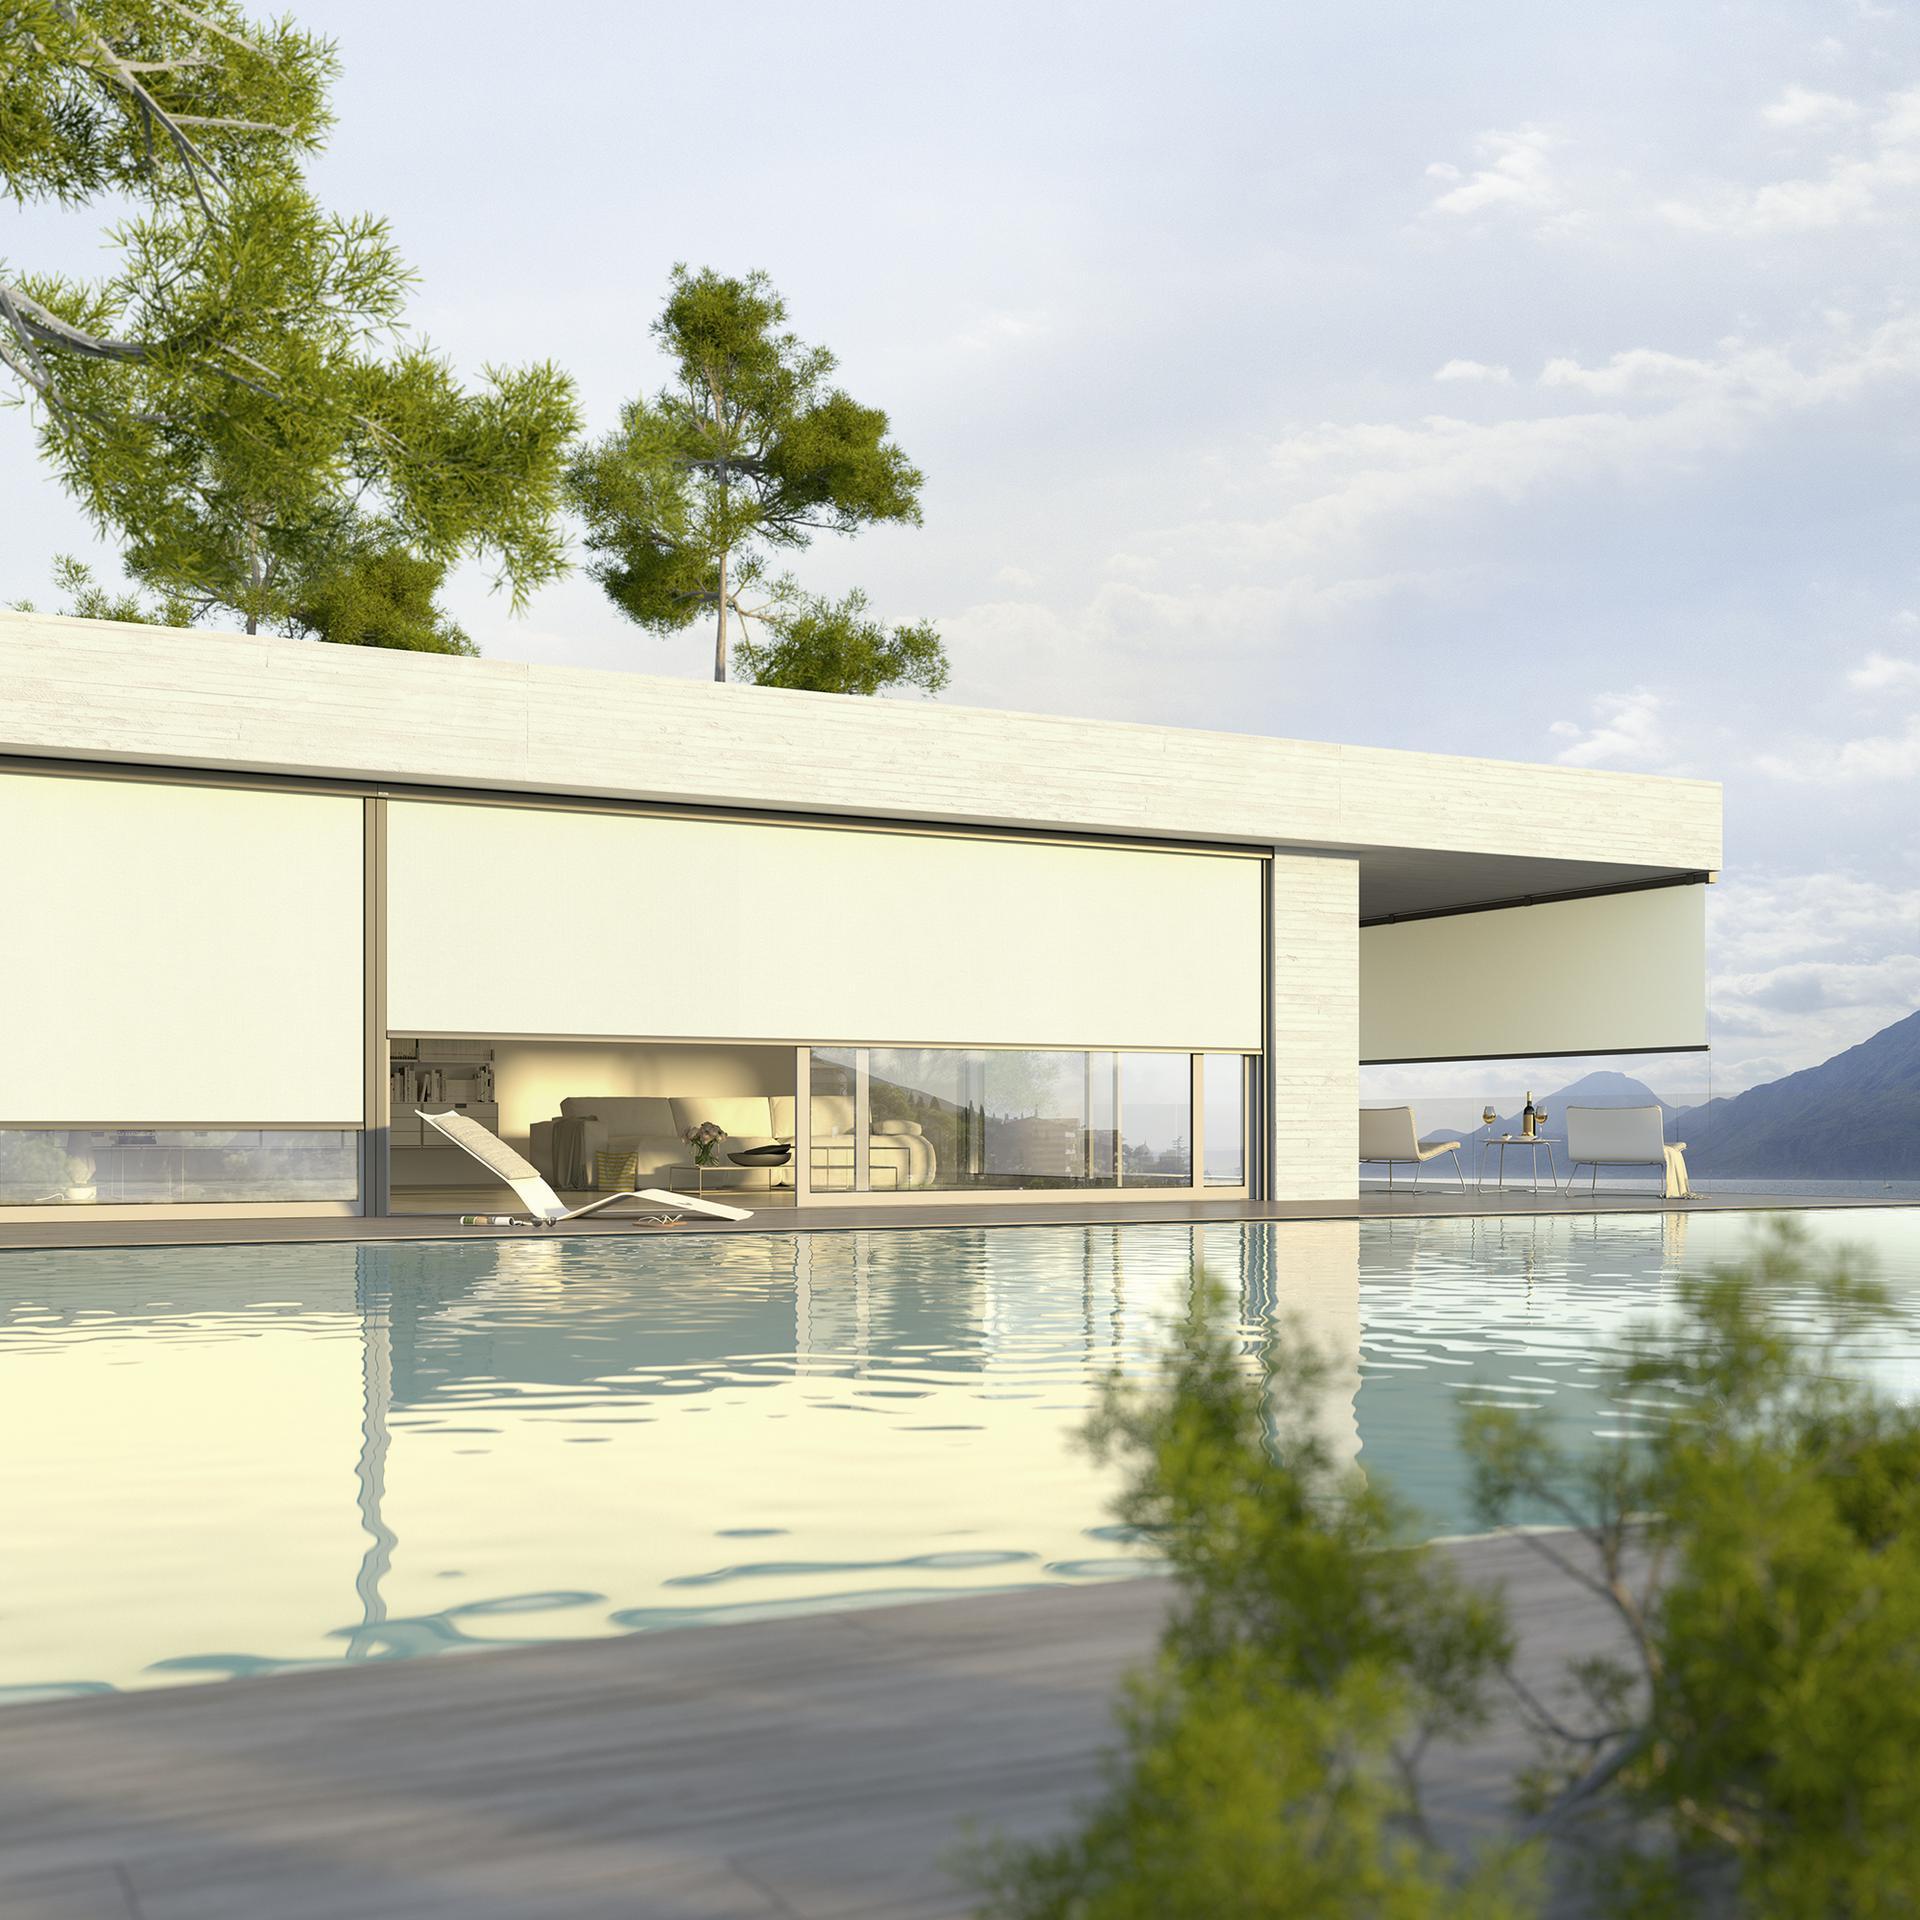 markise 6 meter breit best mit einer breite von meter und. Black Bedroom Furniture Sets. Home Design Ideas